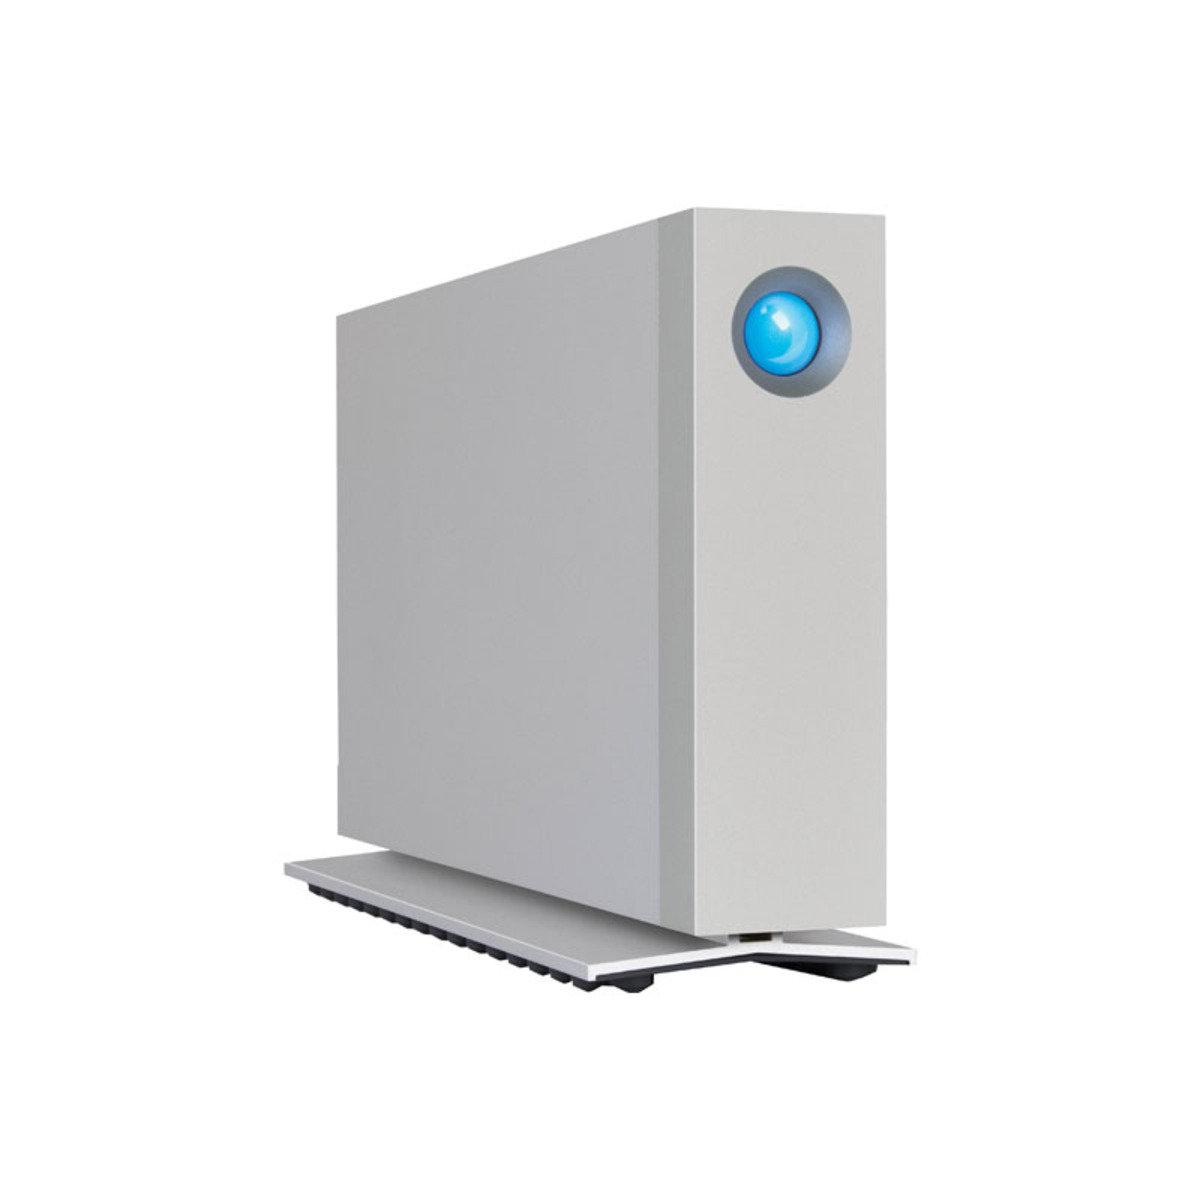 d2 Thunderbolt 2 6TB 3.5吋 外置硬碟 9000472U